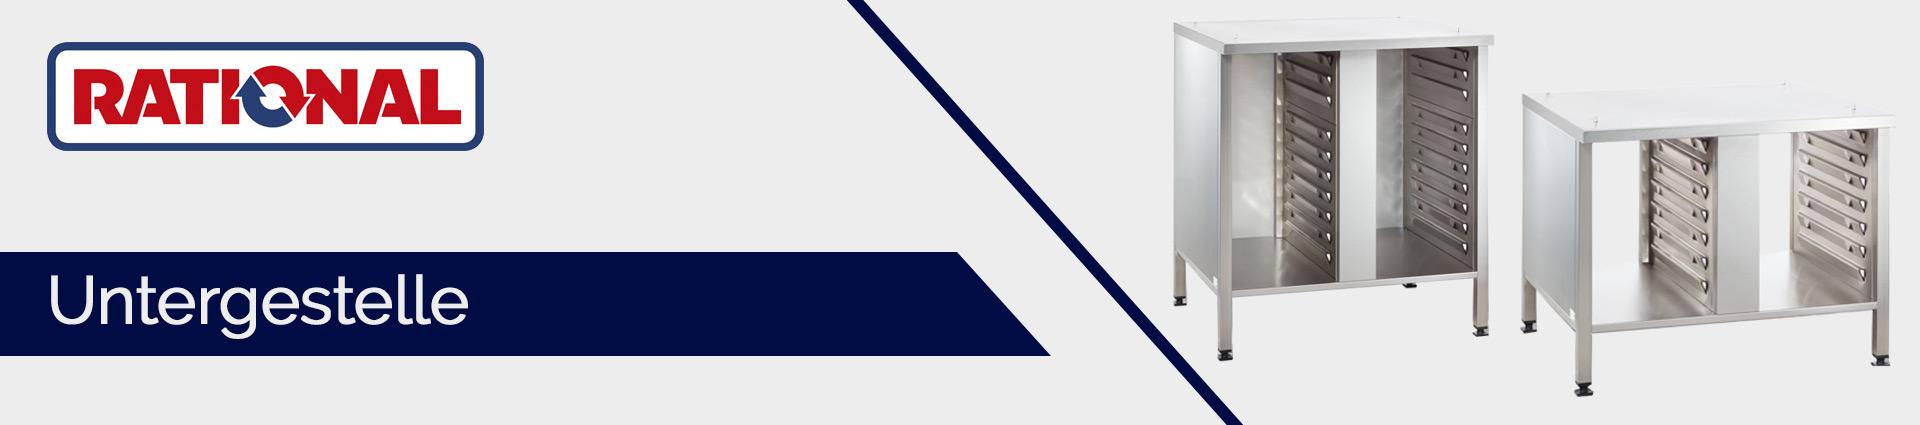 Rational Untergestelle Banner